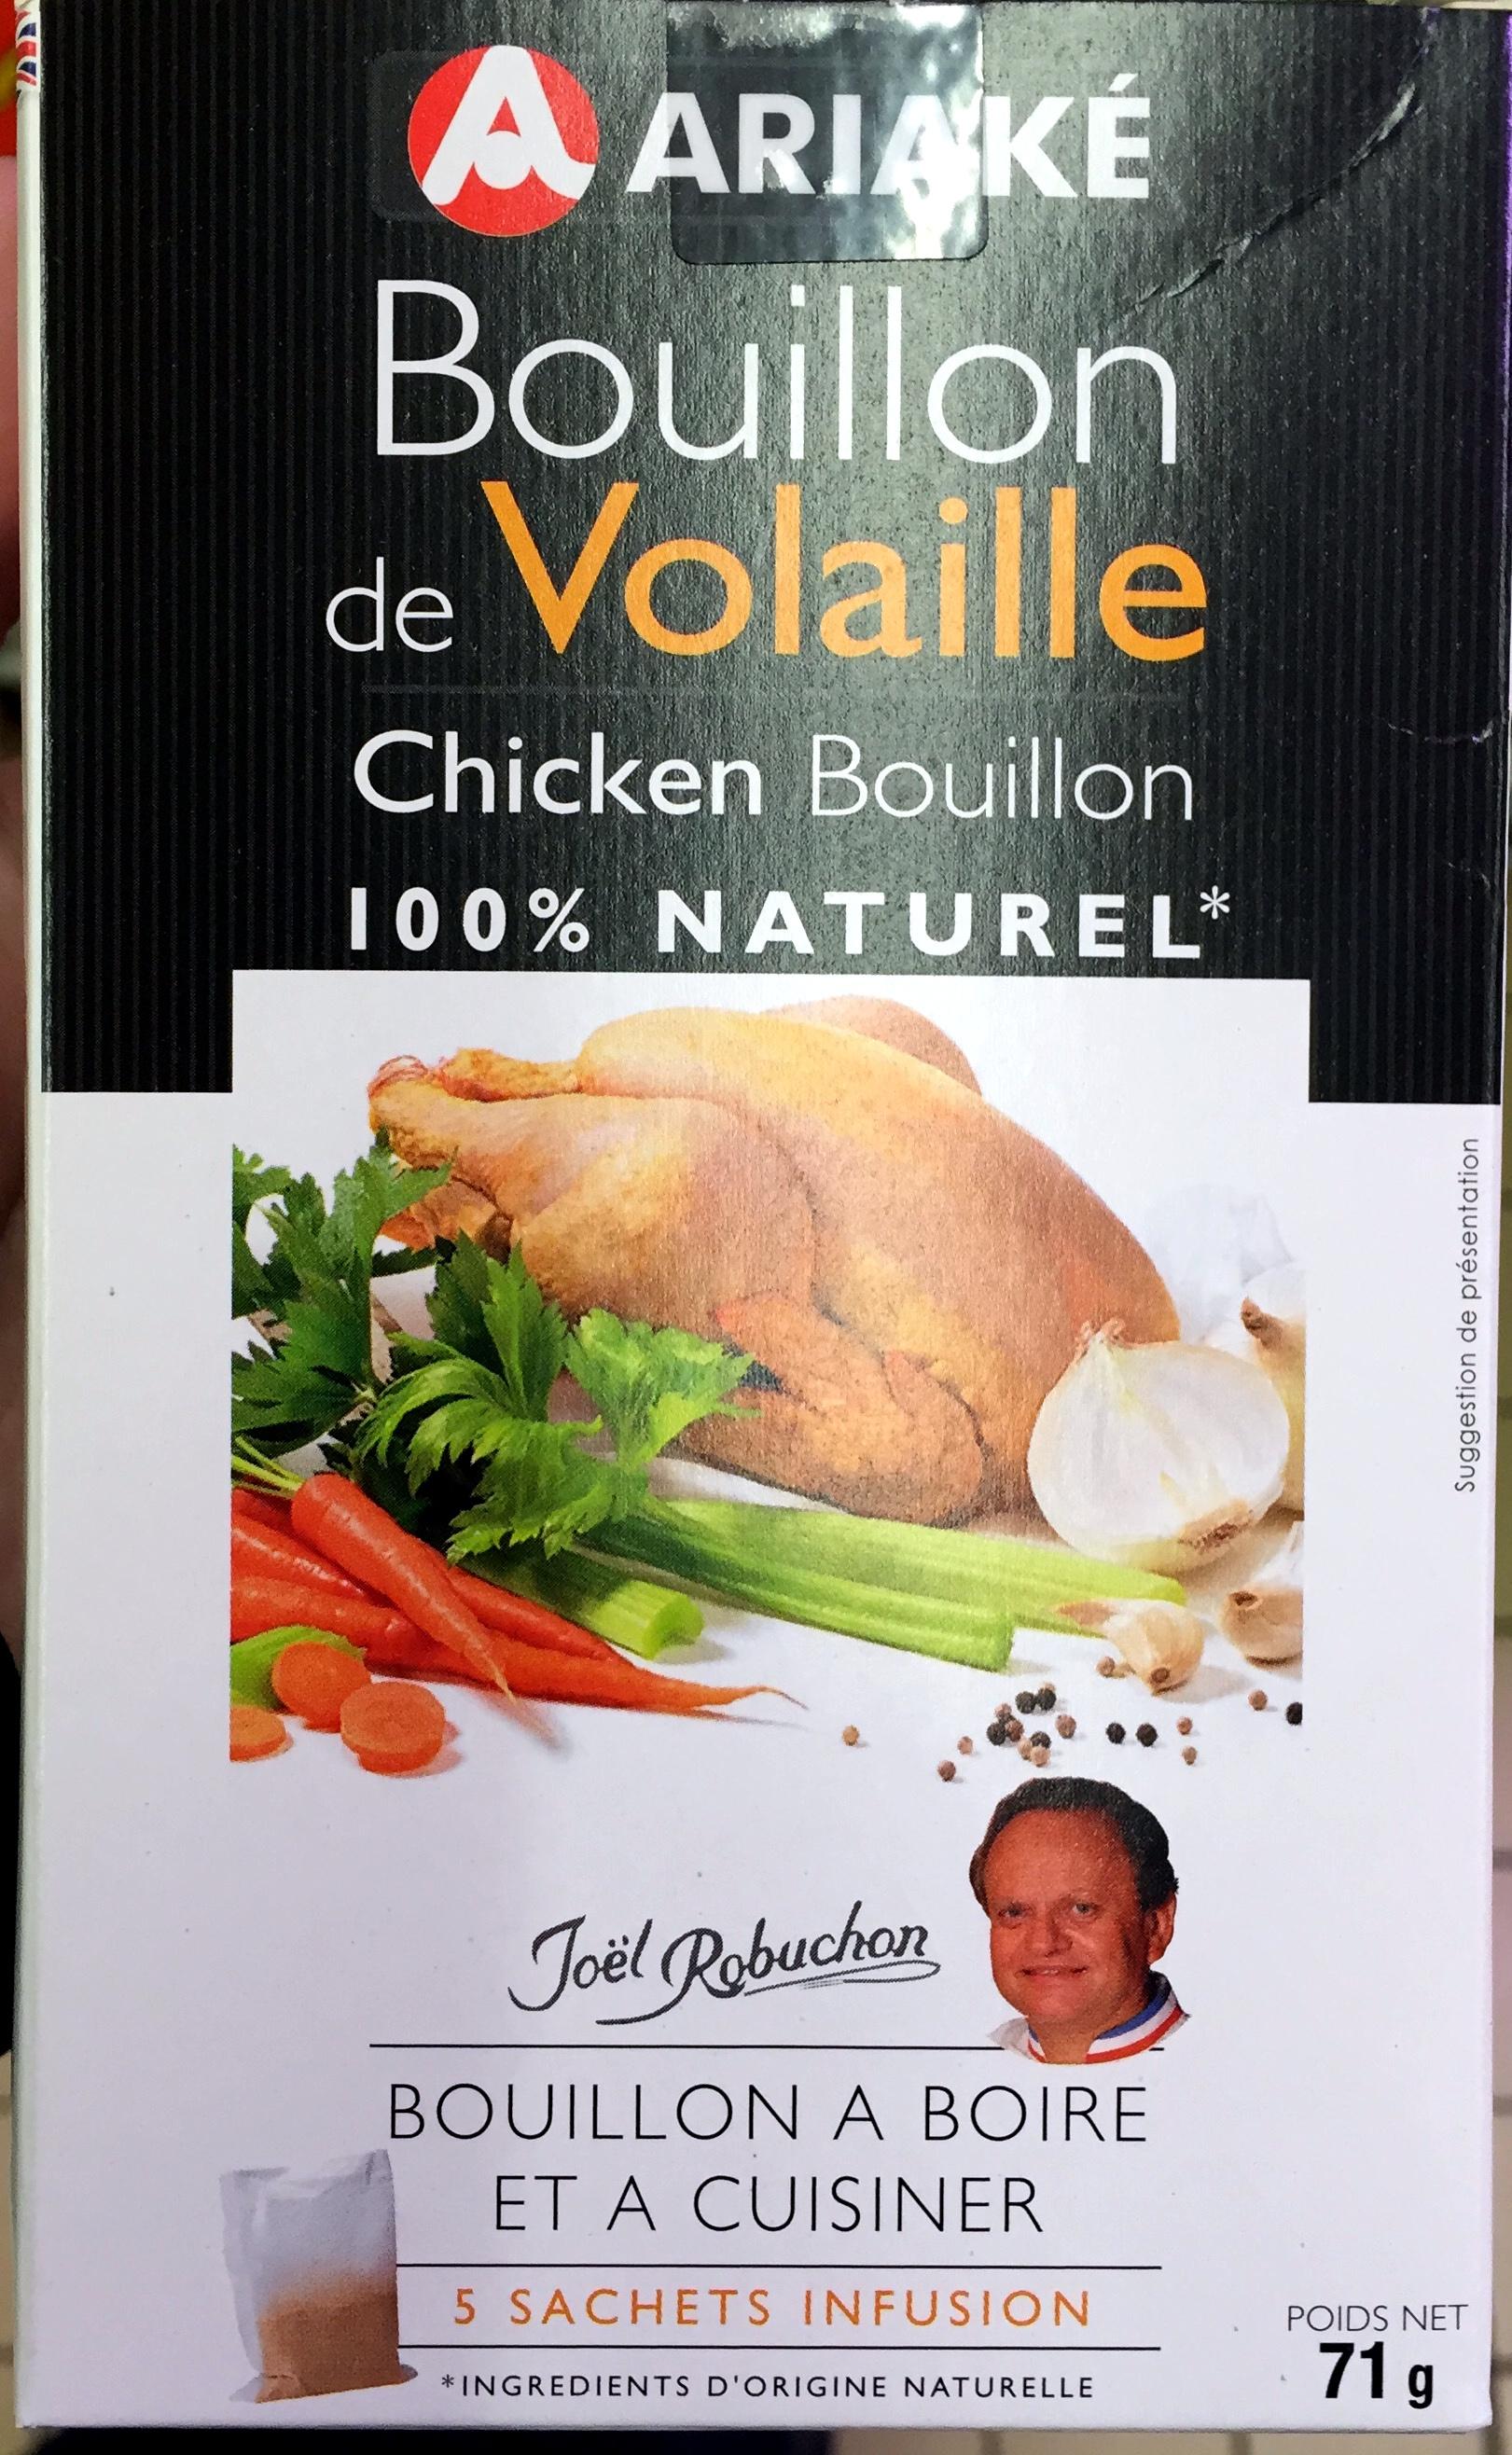 Bouillon de volaille à boire et à cuisiner 100% naturel - Product - fr